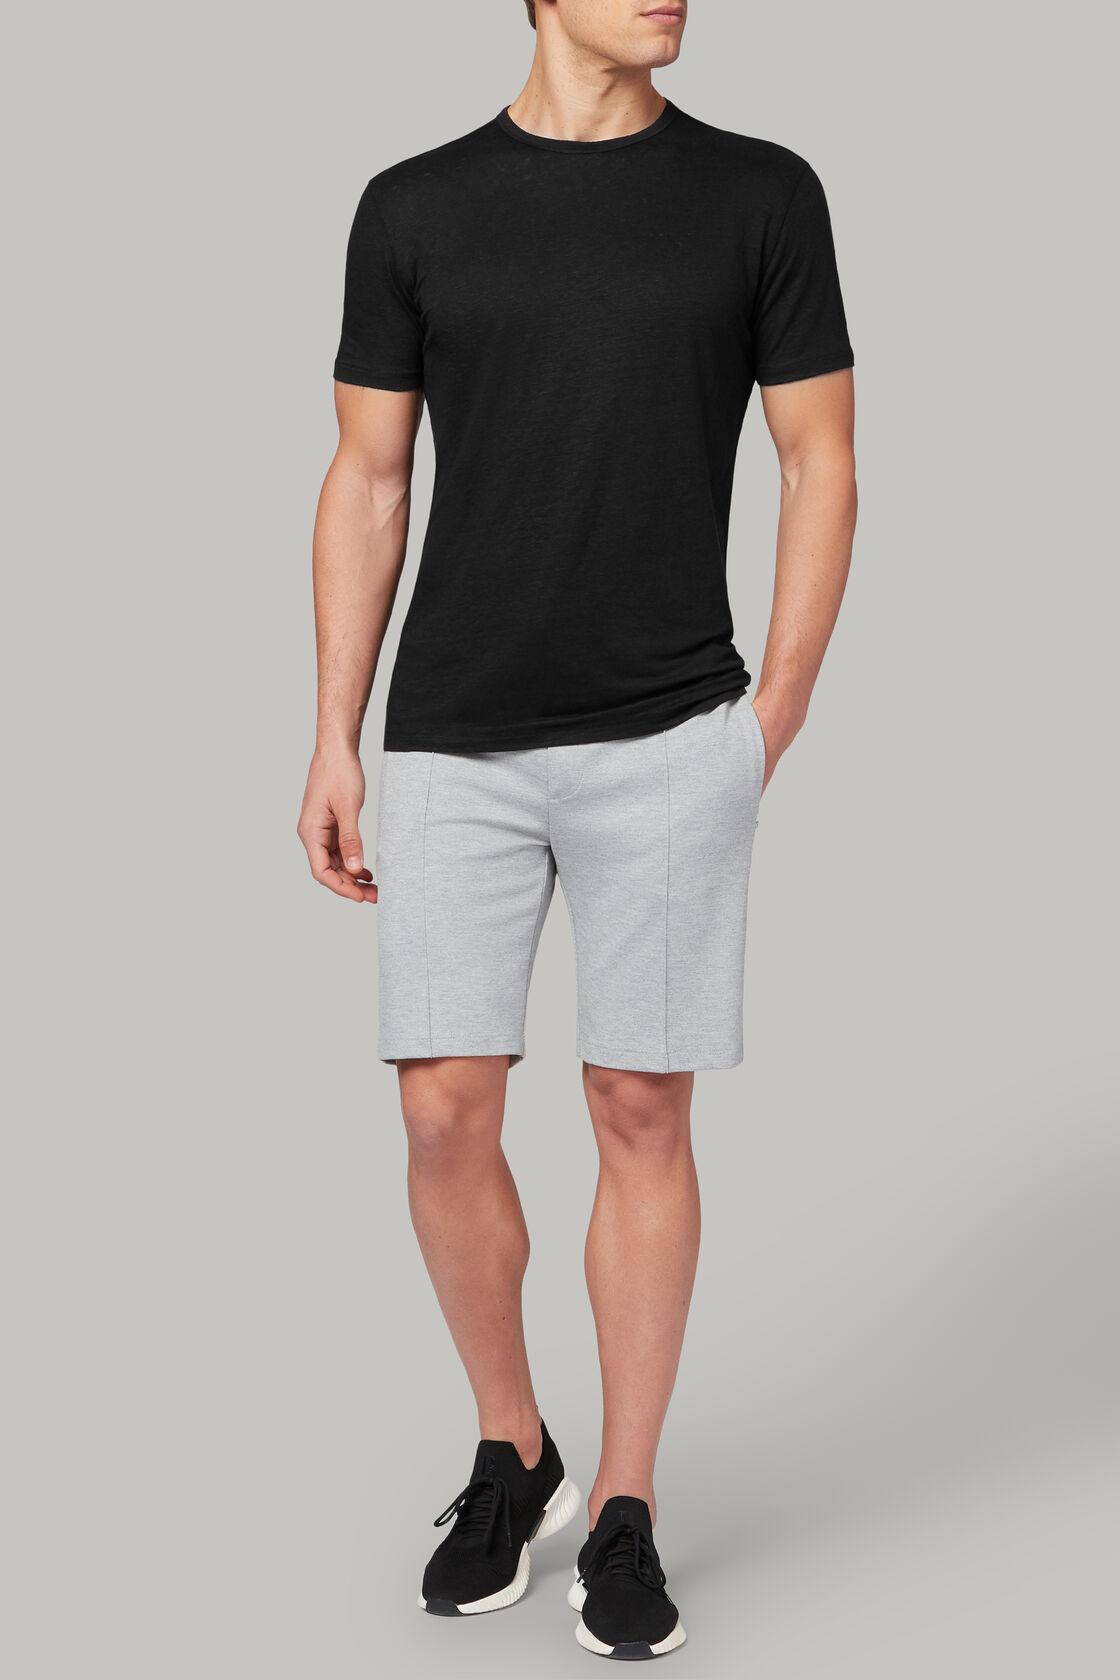 T-shirt aus elastischem leinenjersey, Schwarz, hi-res